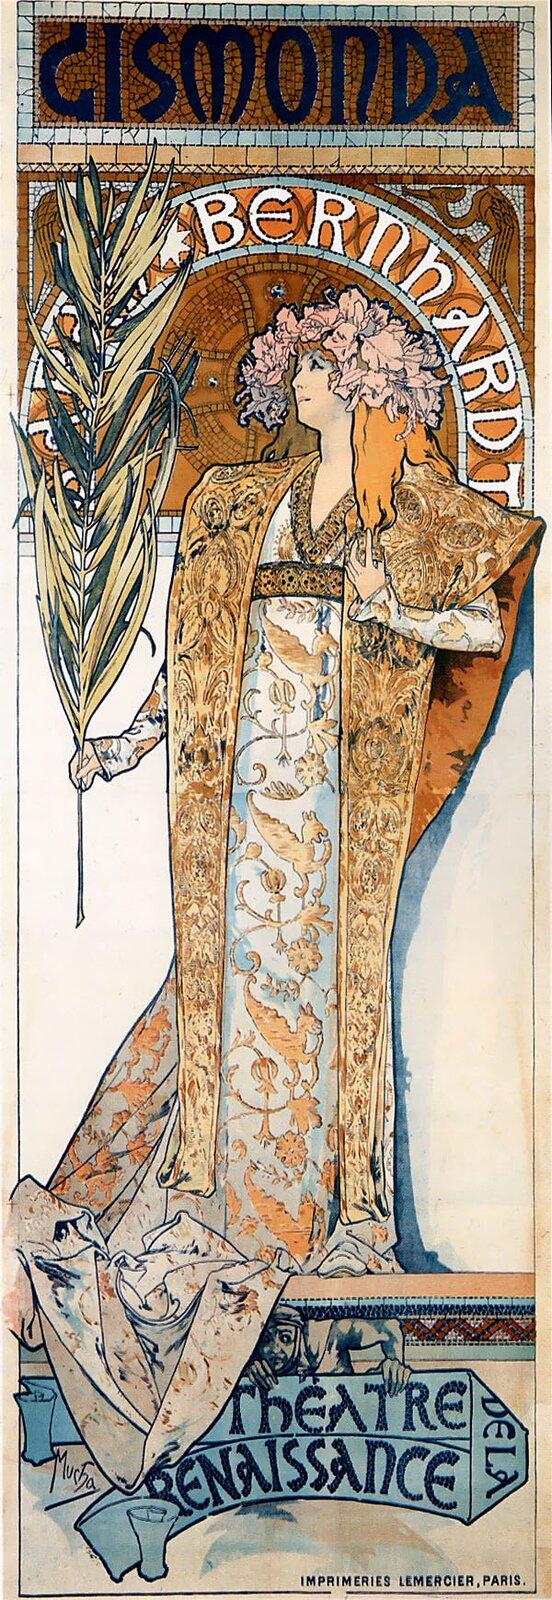 Plakat do sztuki Gismonda Ilustracja 1 Źródło: Alfons Mucha, Plakat do sztuki Gismonda, 1894, litografia barwna, zbiory prywatne, domena publiczna.